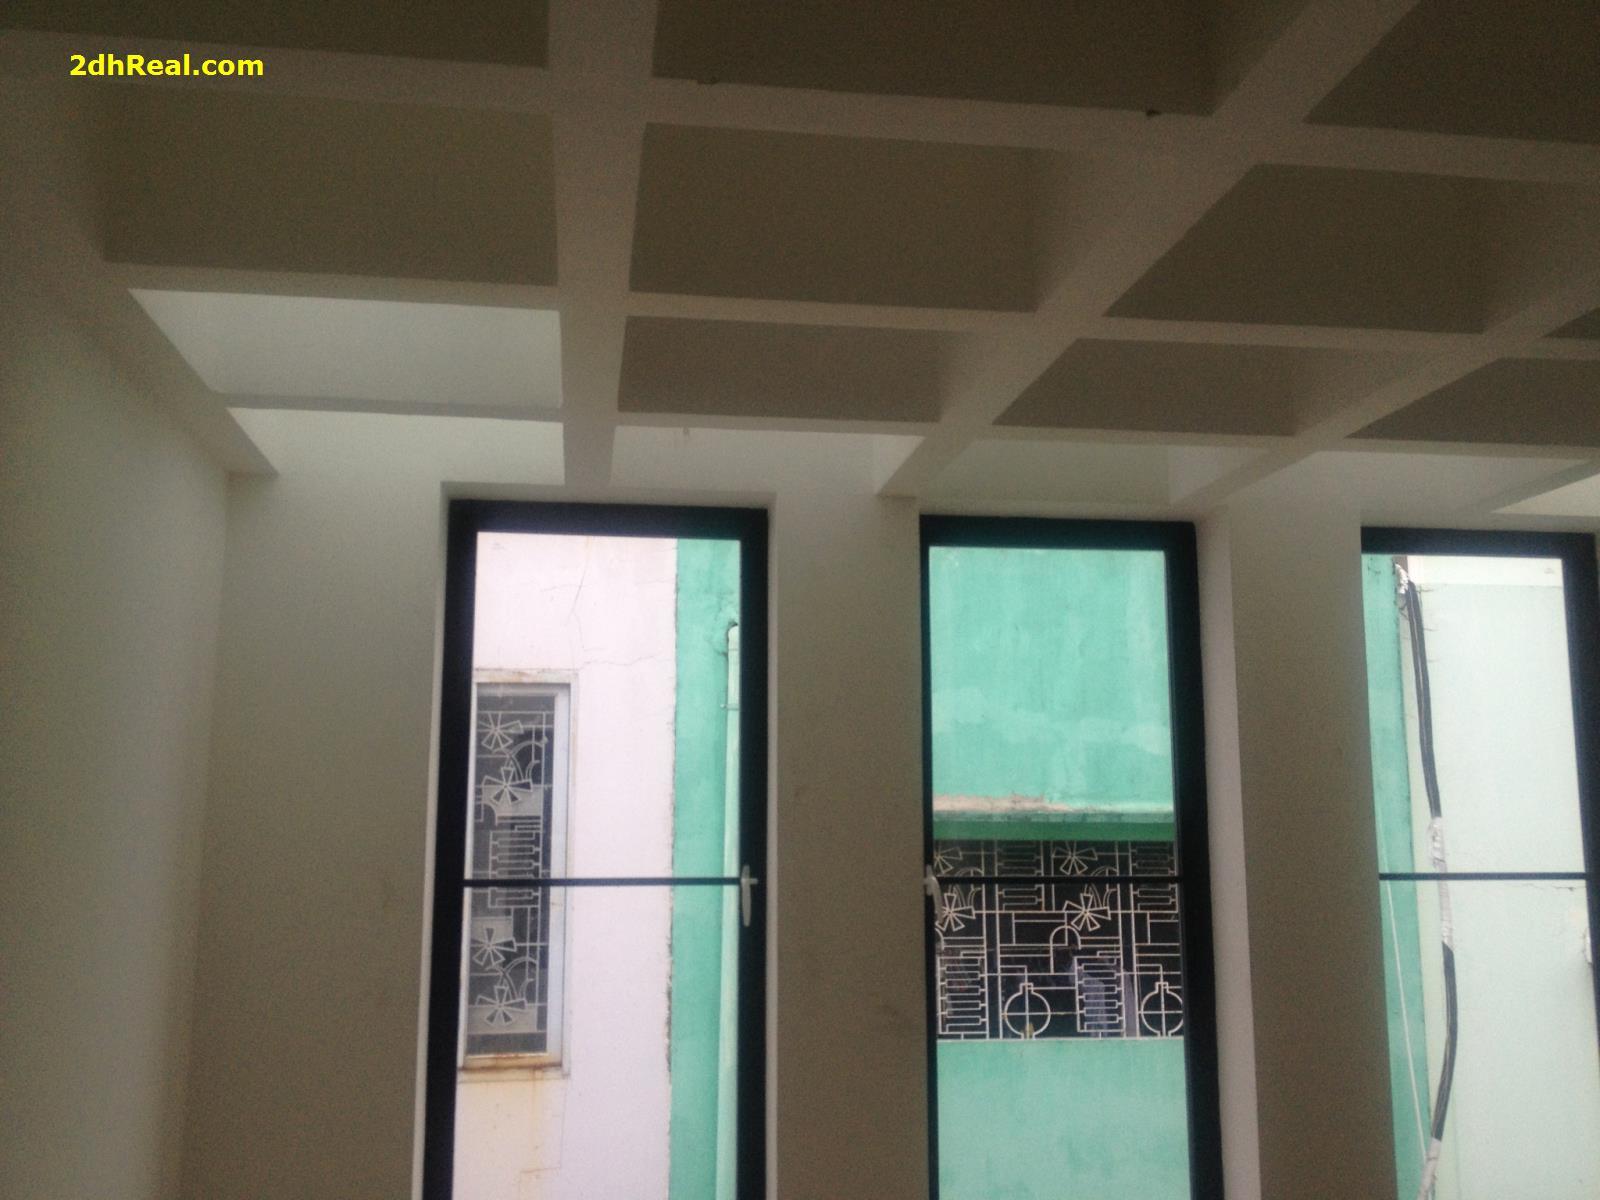 Bán nhà 2 mặt tiền số 95C Phan Đăng Lưu – Trần Kế Xương, Quận Phú Nhuận: 15,3m x 18m